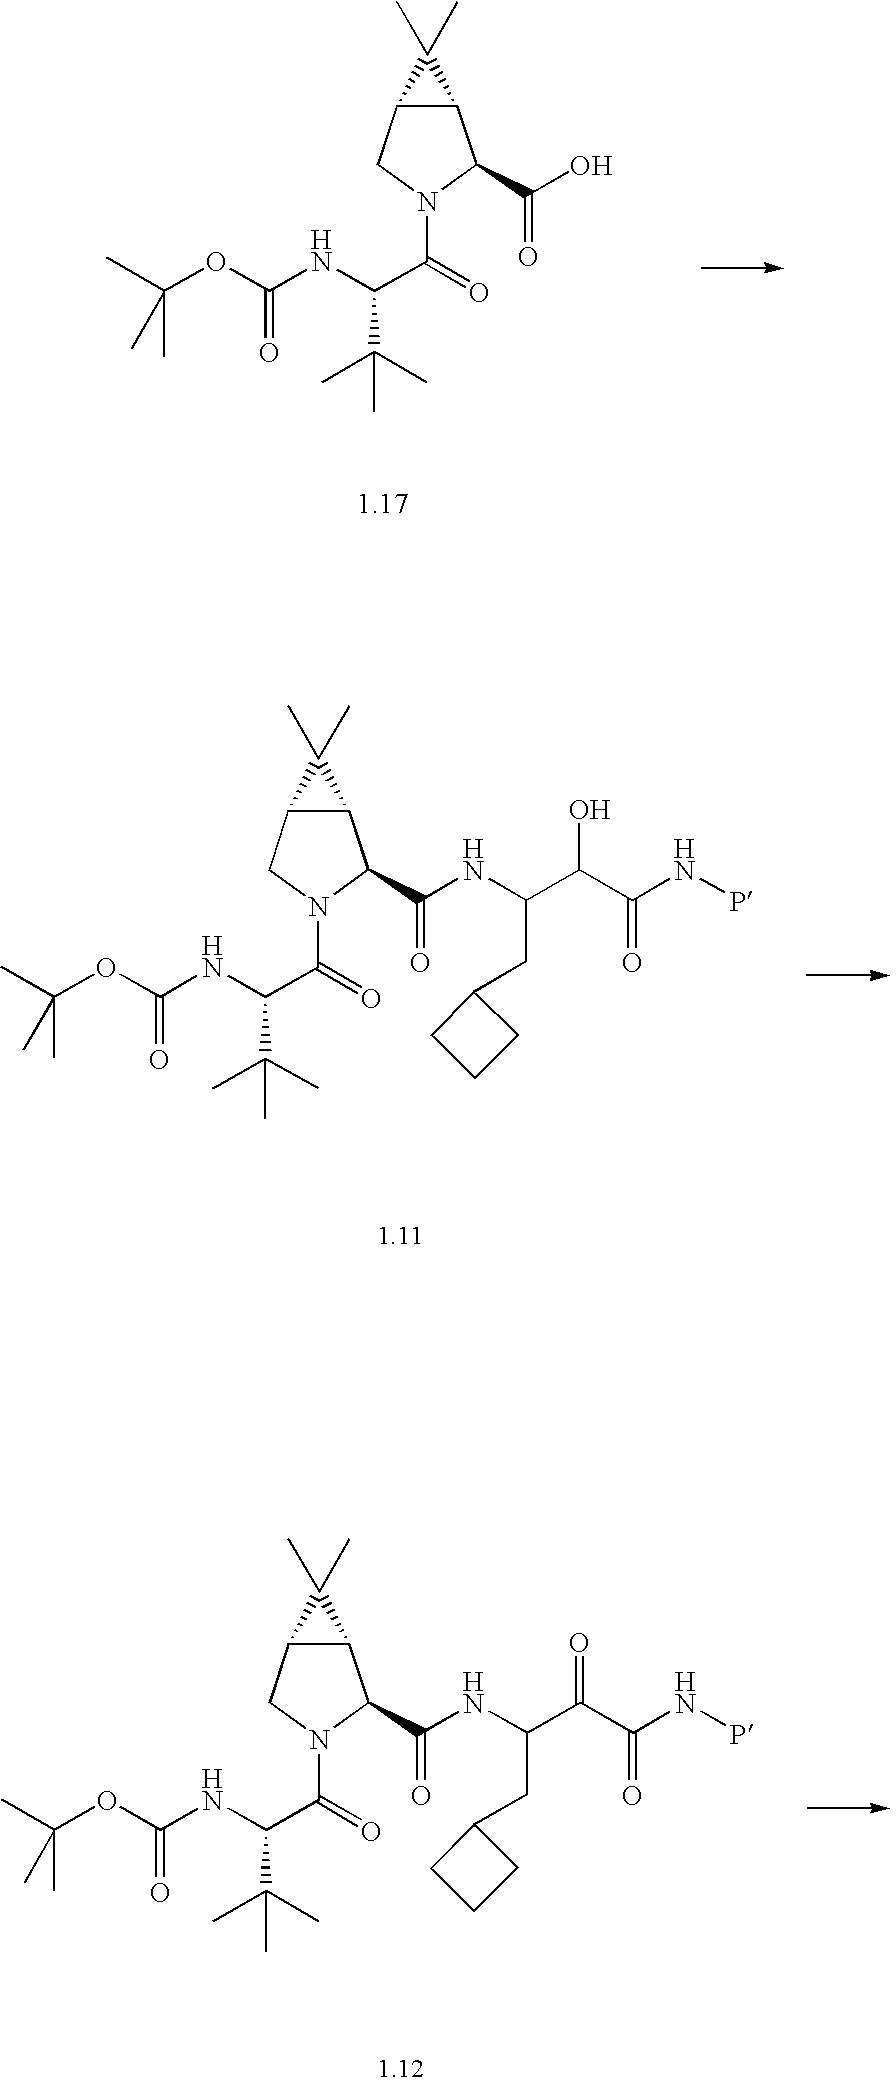 Figure US20060287248A1-20061221-C00597